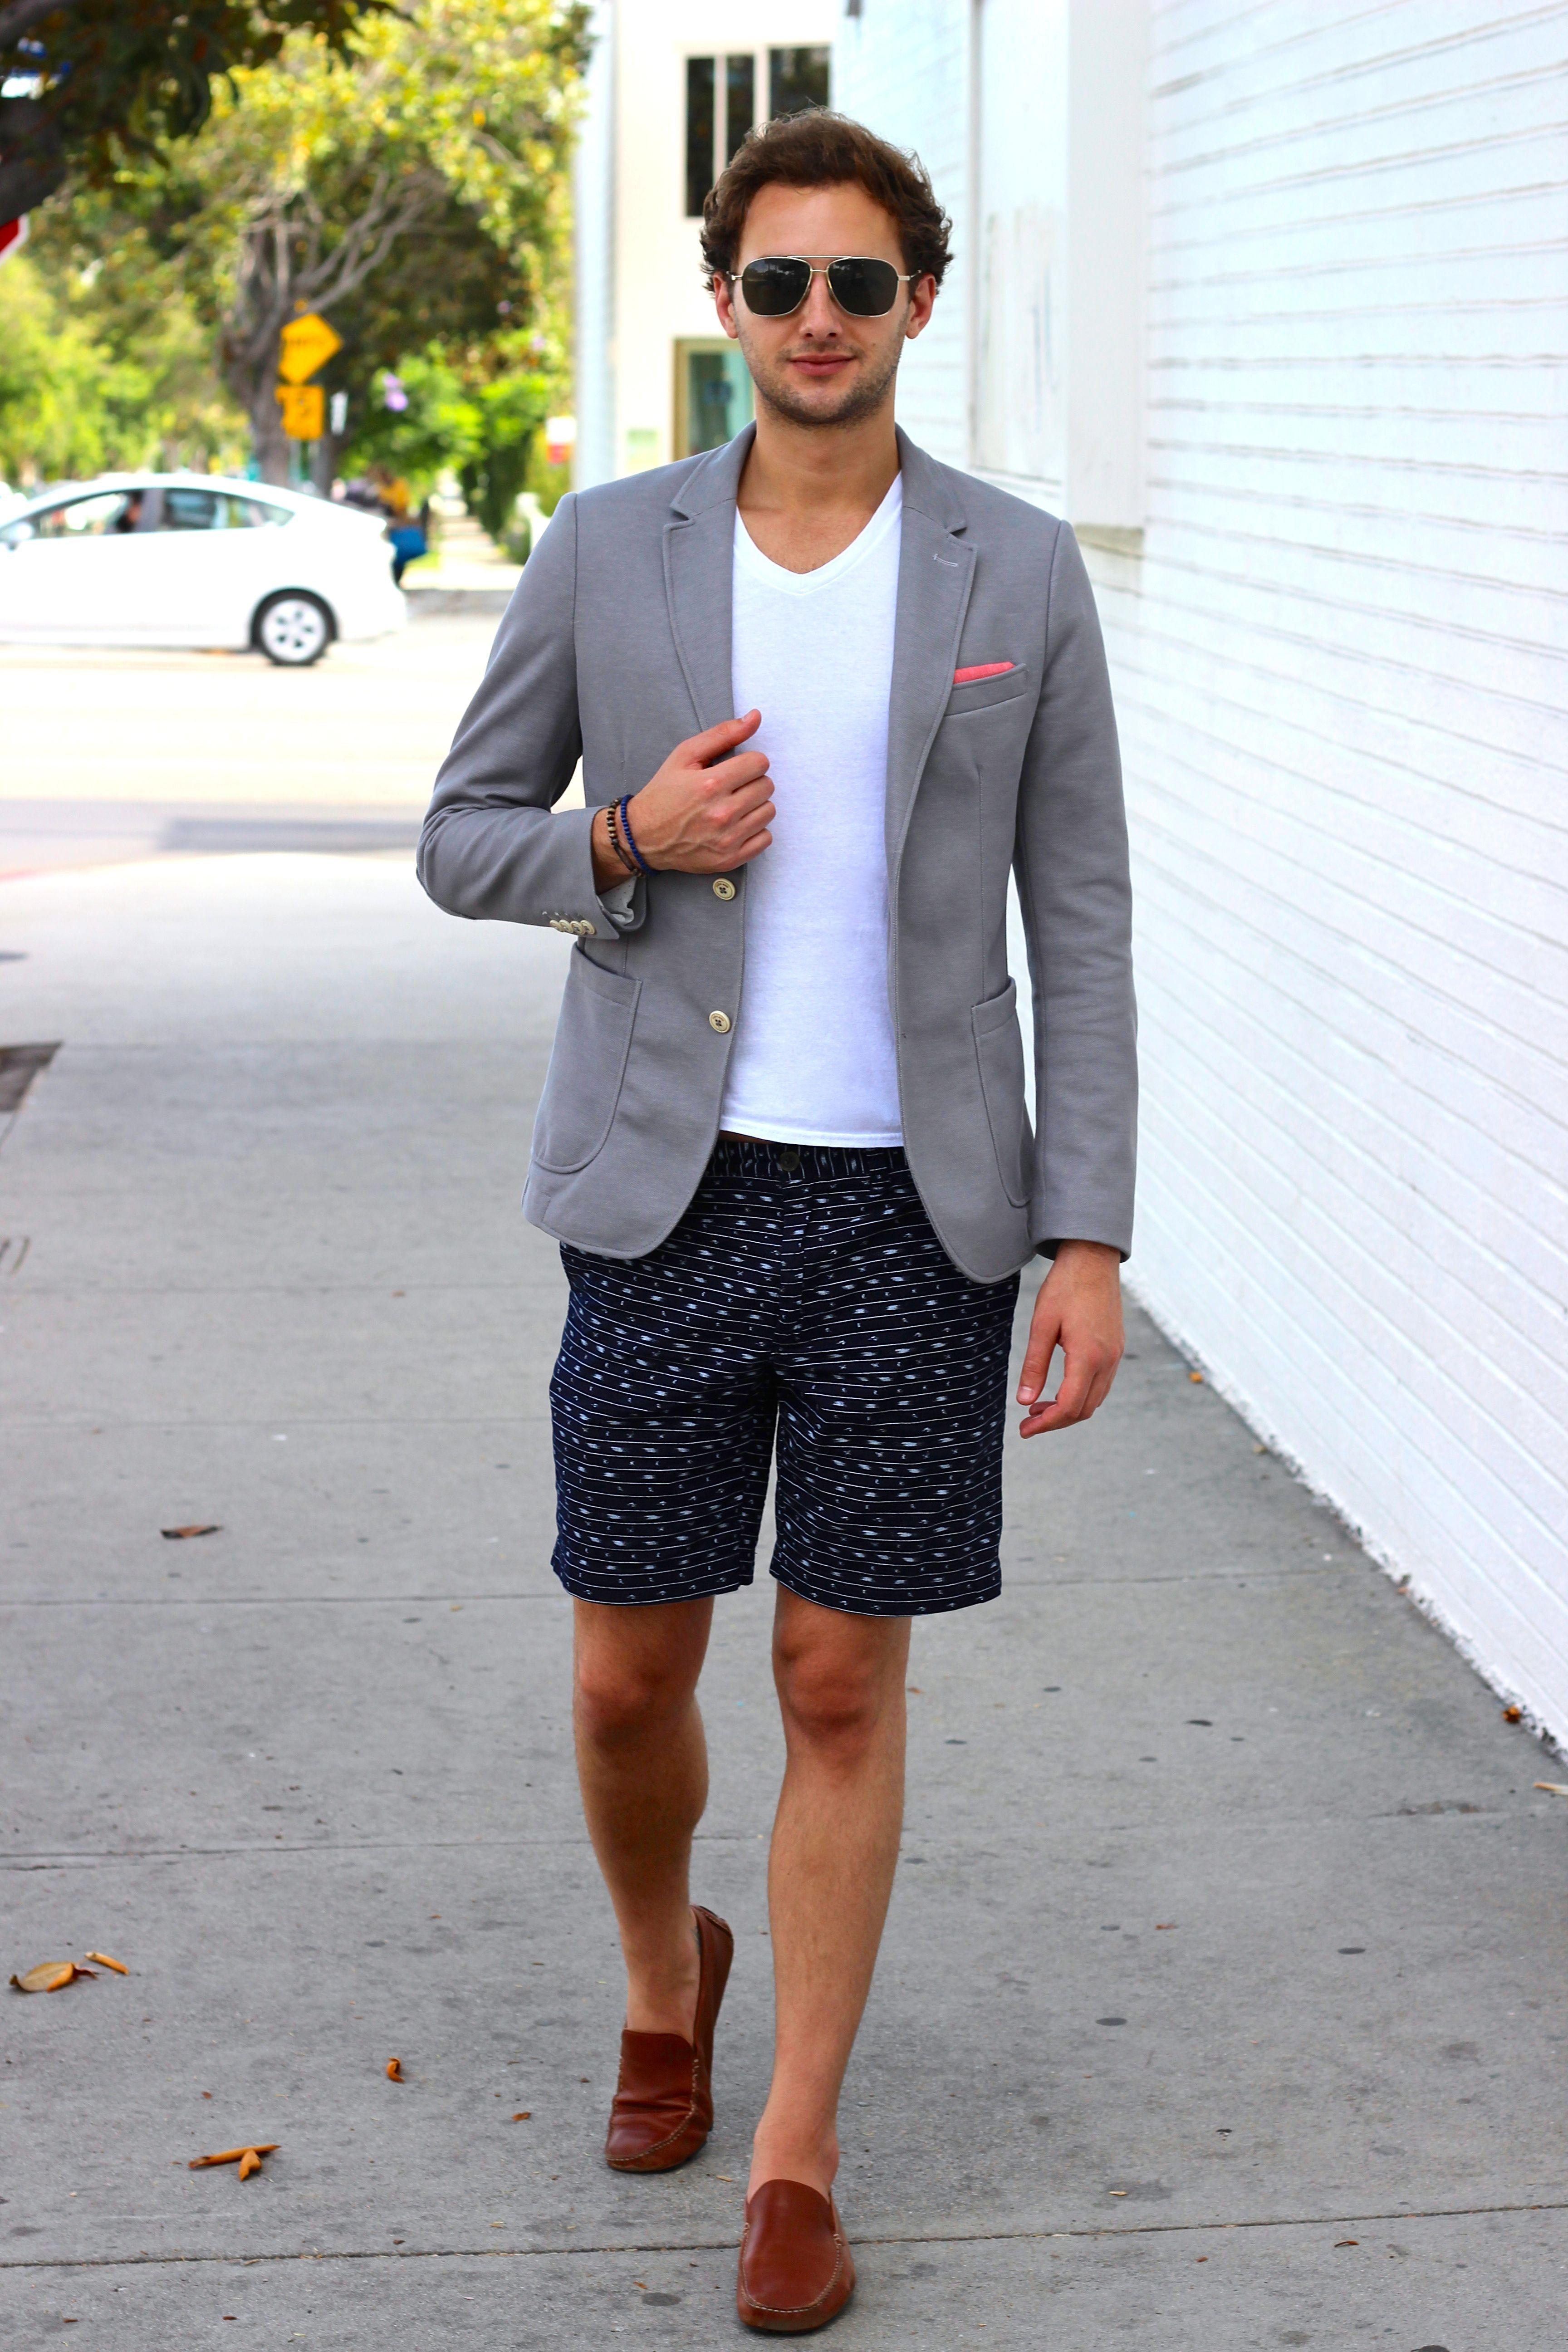 Men 39 s grey blazer white v neck t shirt navy print shorts for Sport coat with t shirt